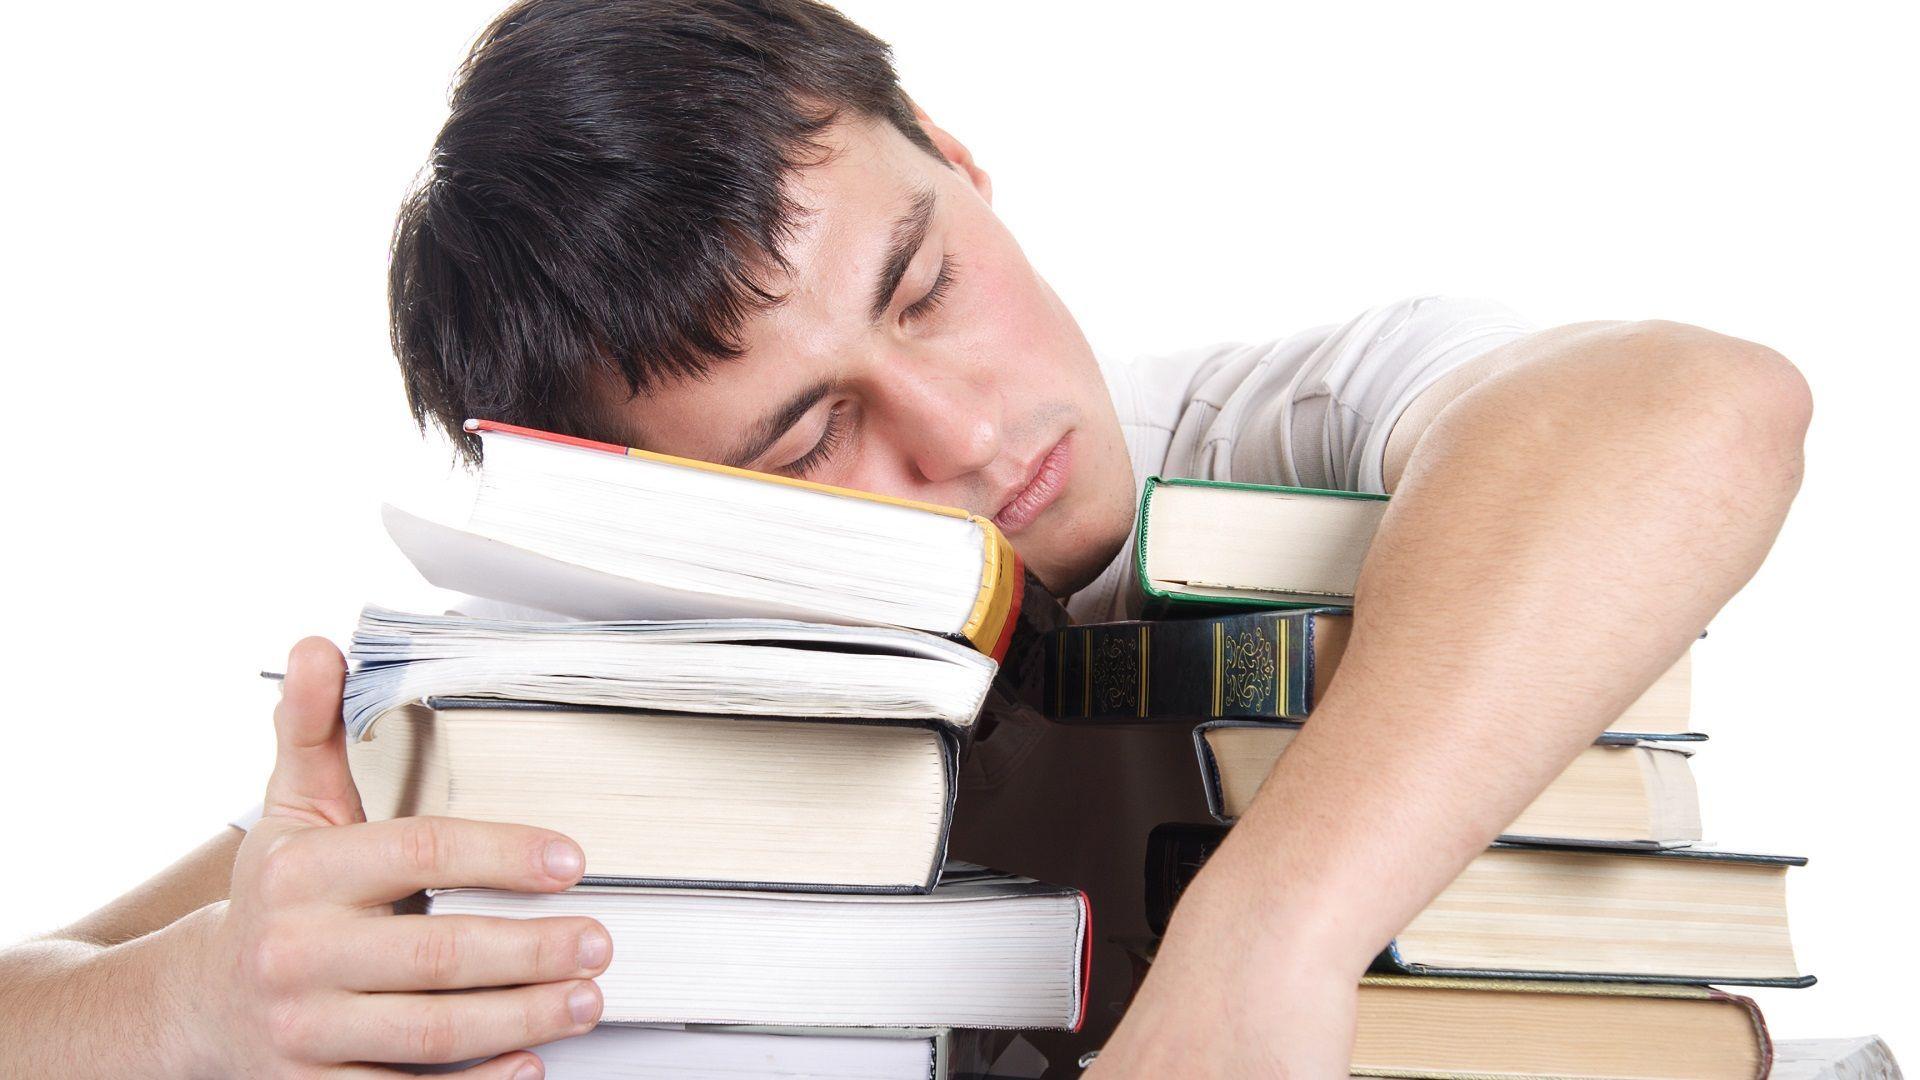 3 uur slaap en je zult veel tijd nuttig kunnen besteden